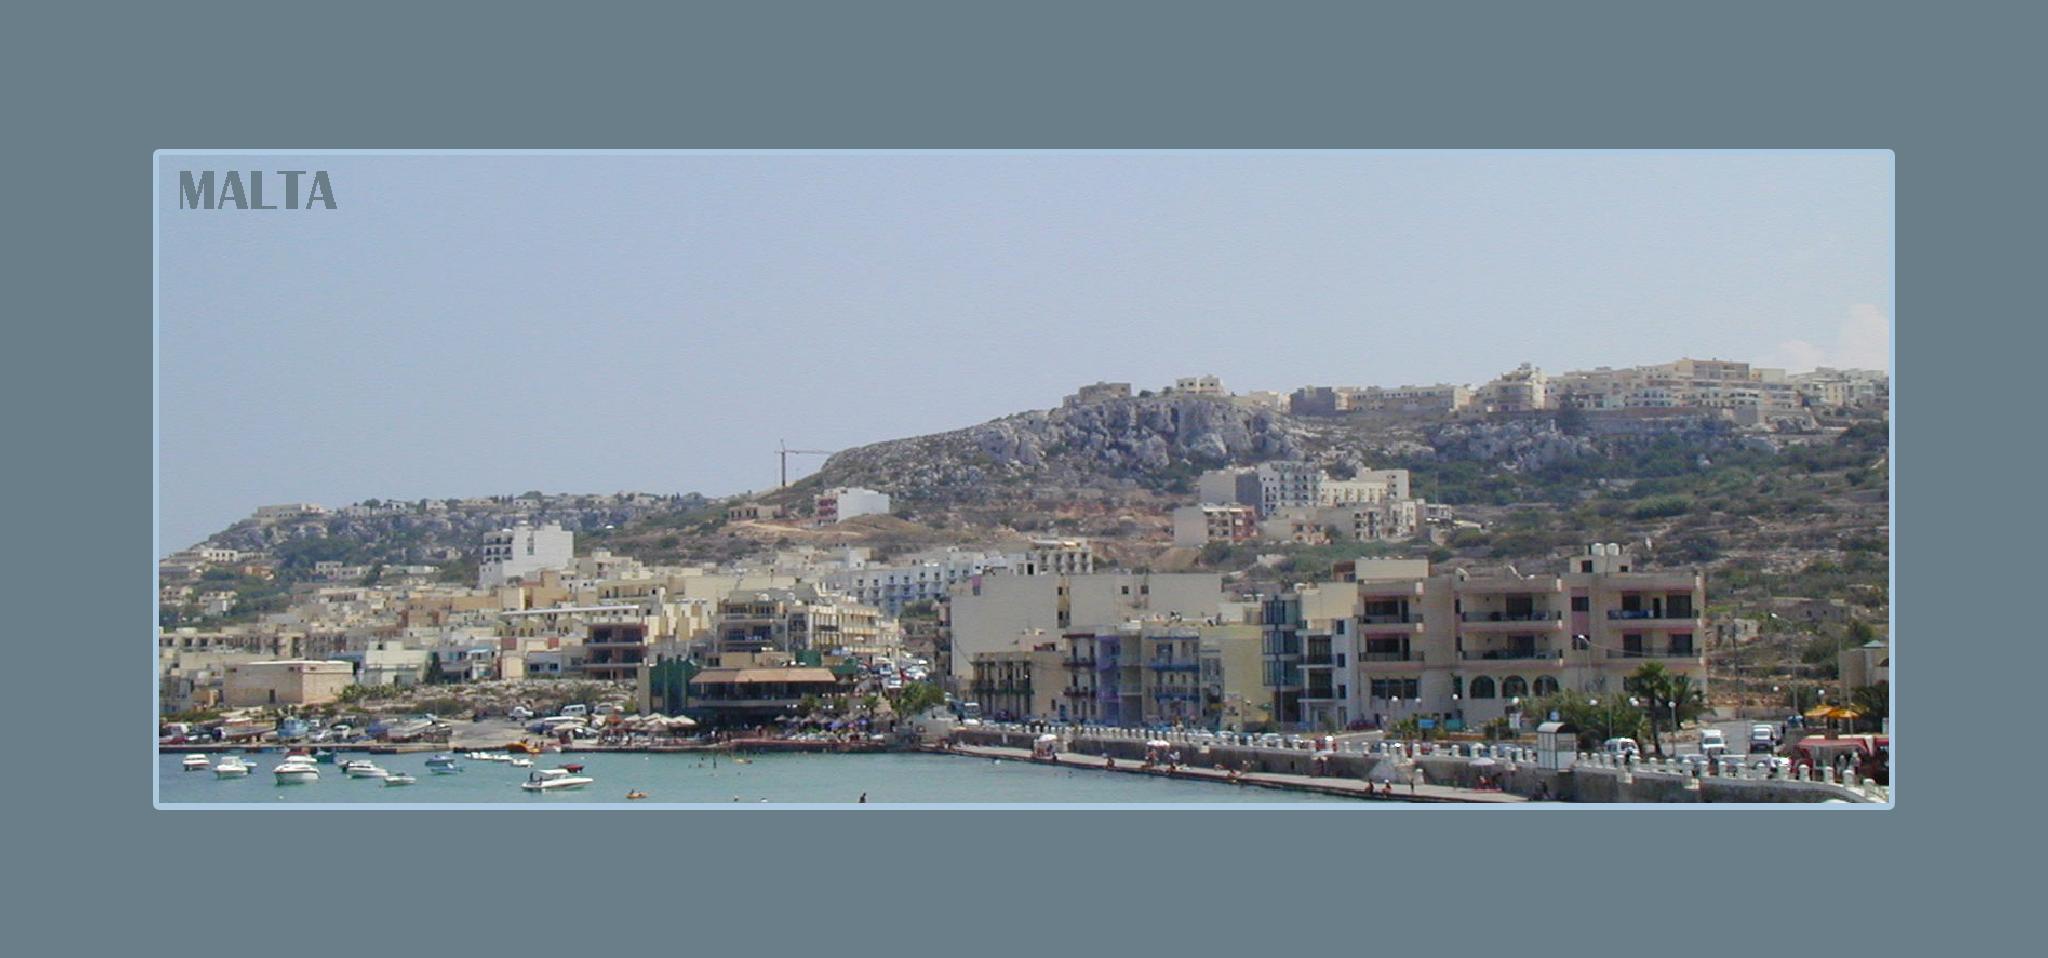 Malta by Henrik T. Sørensen